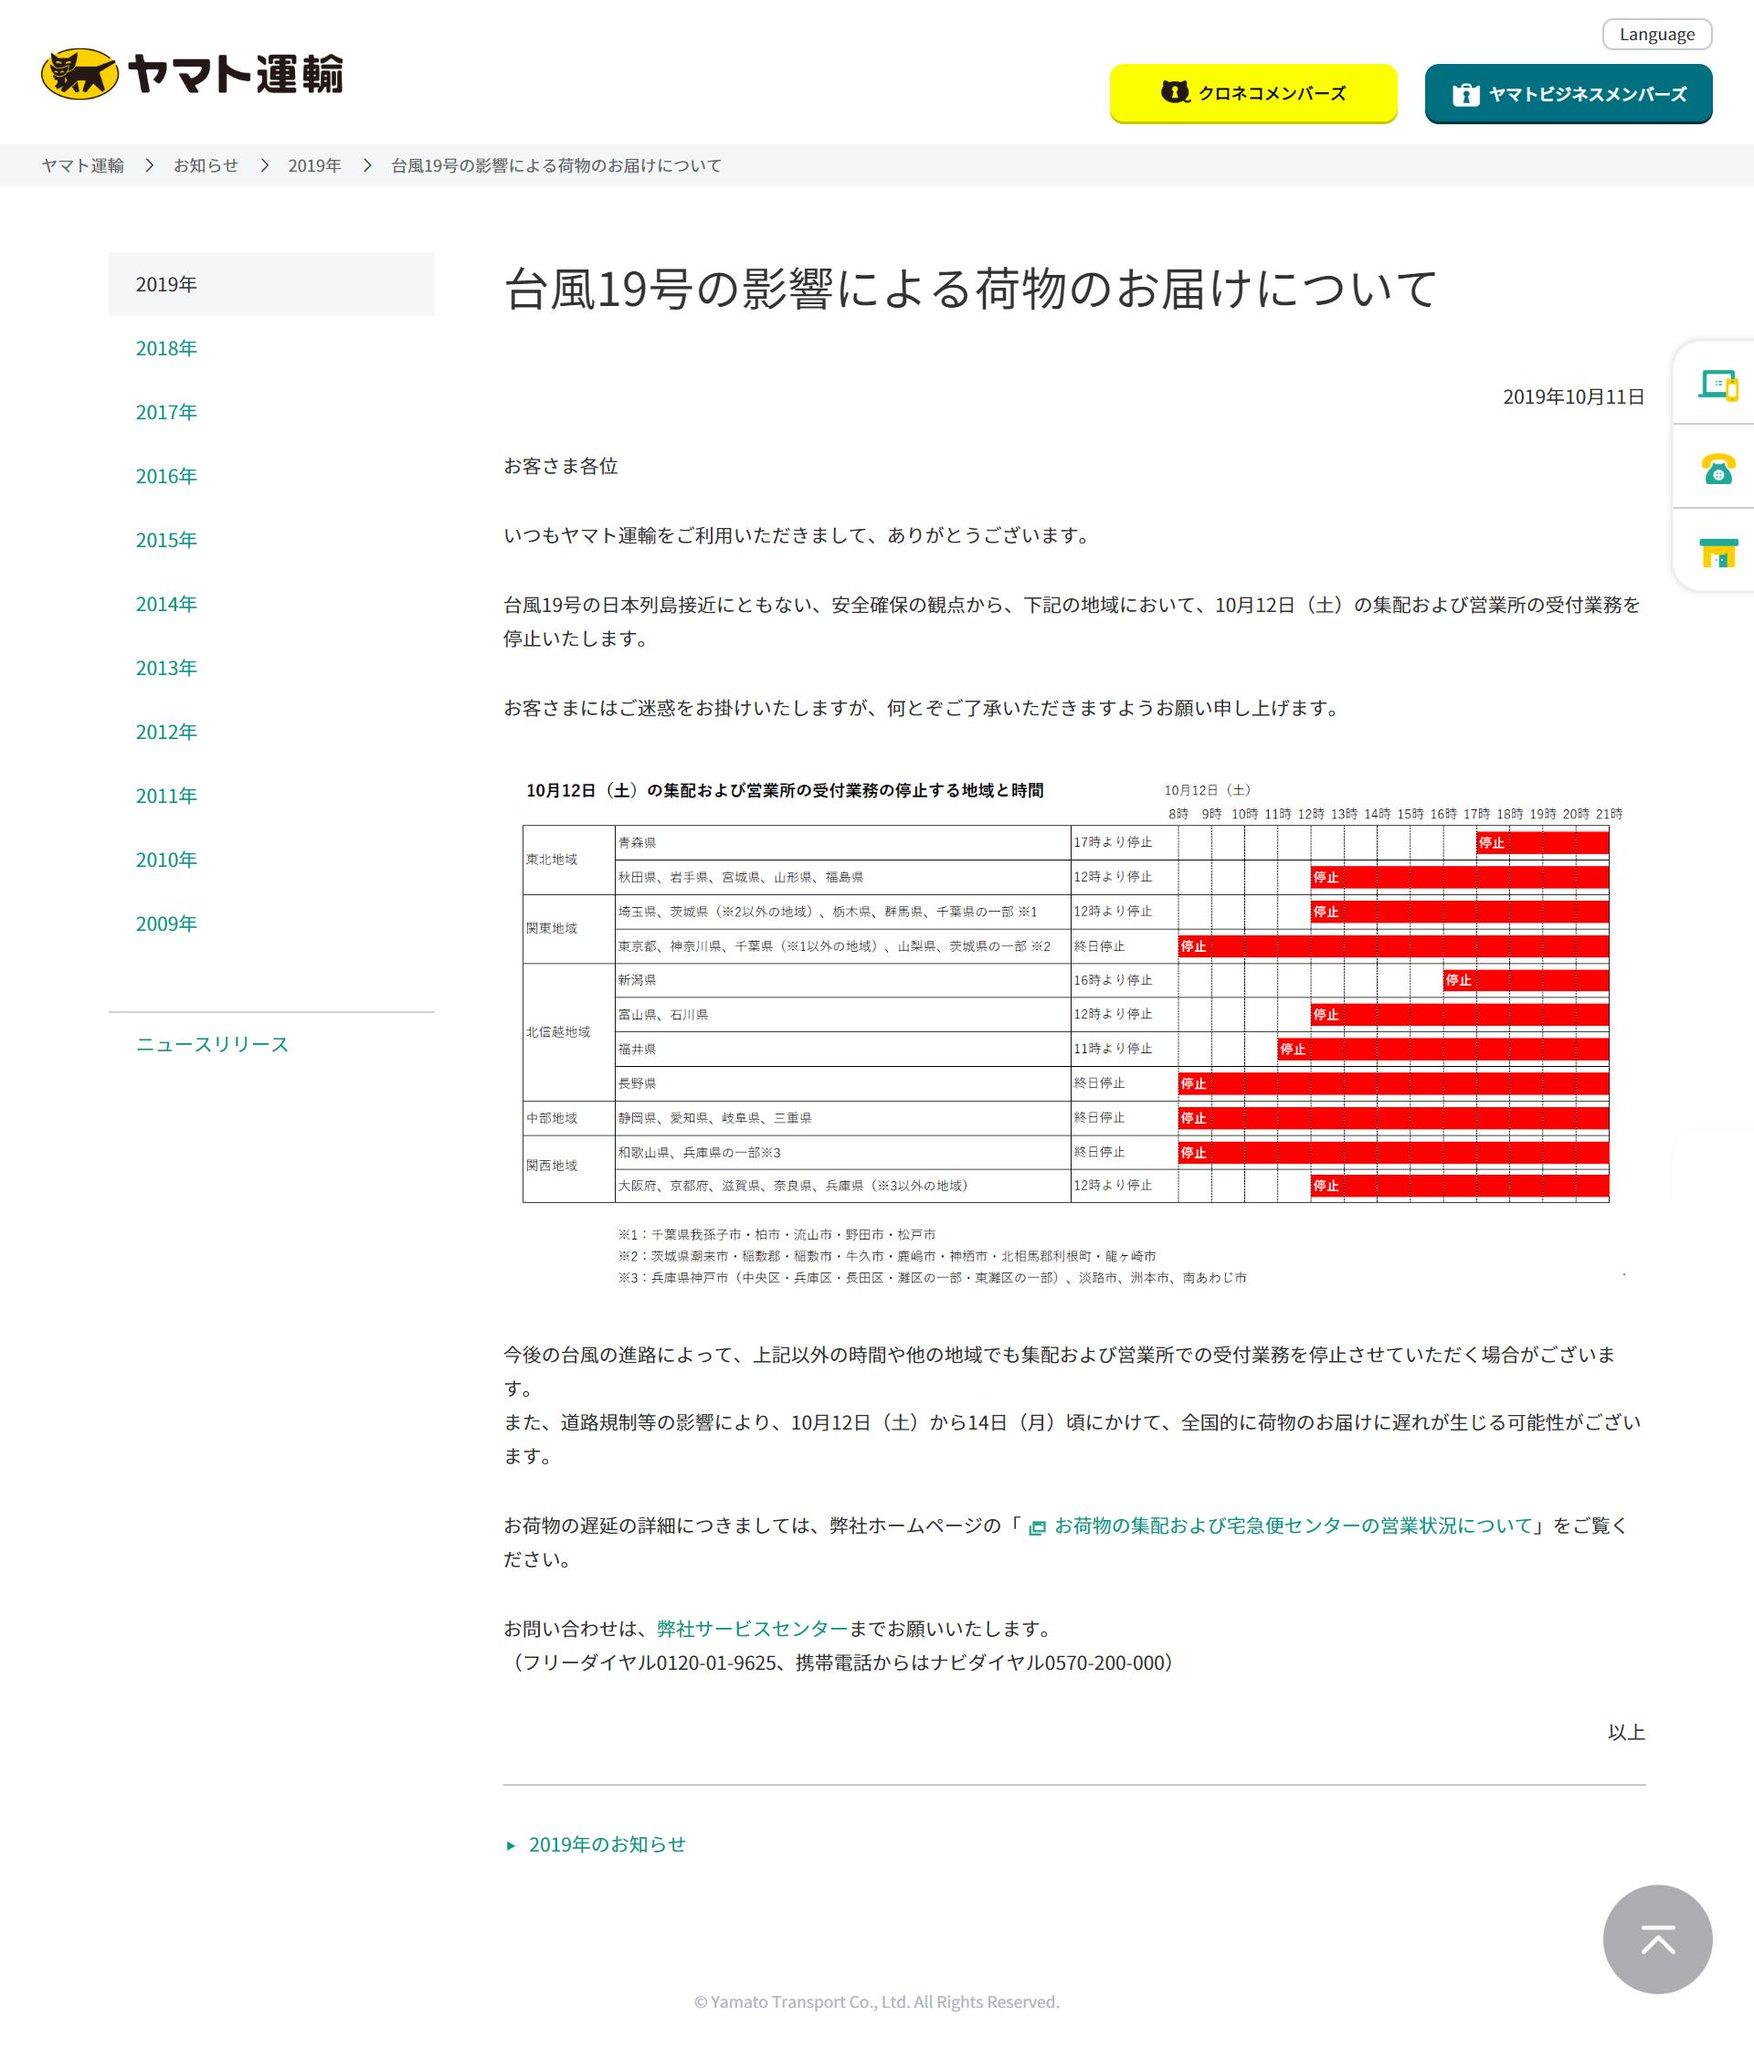 佐川、ヤマト、日本郵便の配達員さんの安全が無事に守られて良かった!!